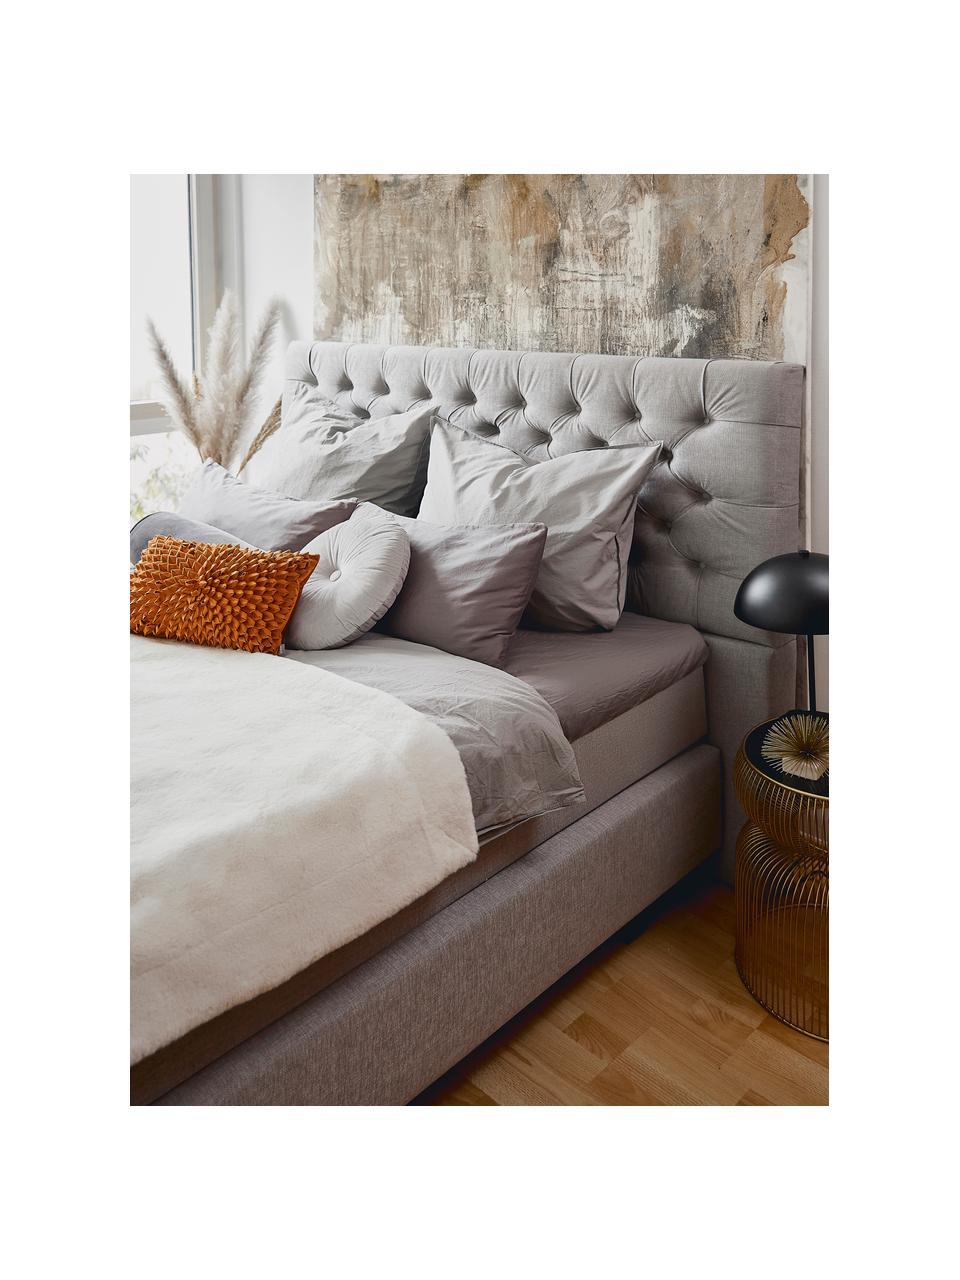 Łóżko kontynentalne premium z aksamitu Phoebe, Nogi: lite drewno brzozowe, lak, Aksamitny szary, 200 x 200 cm